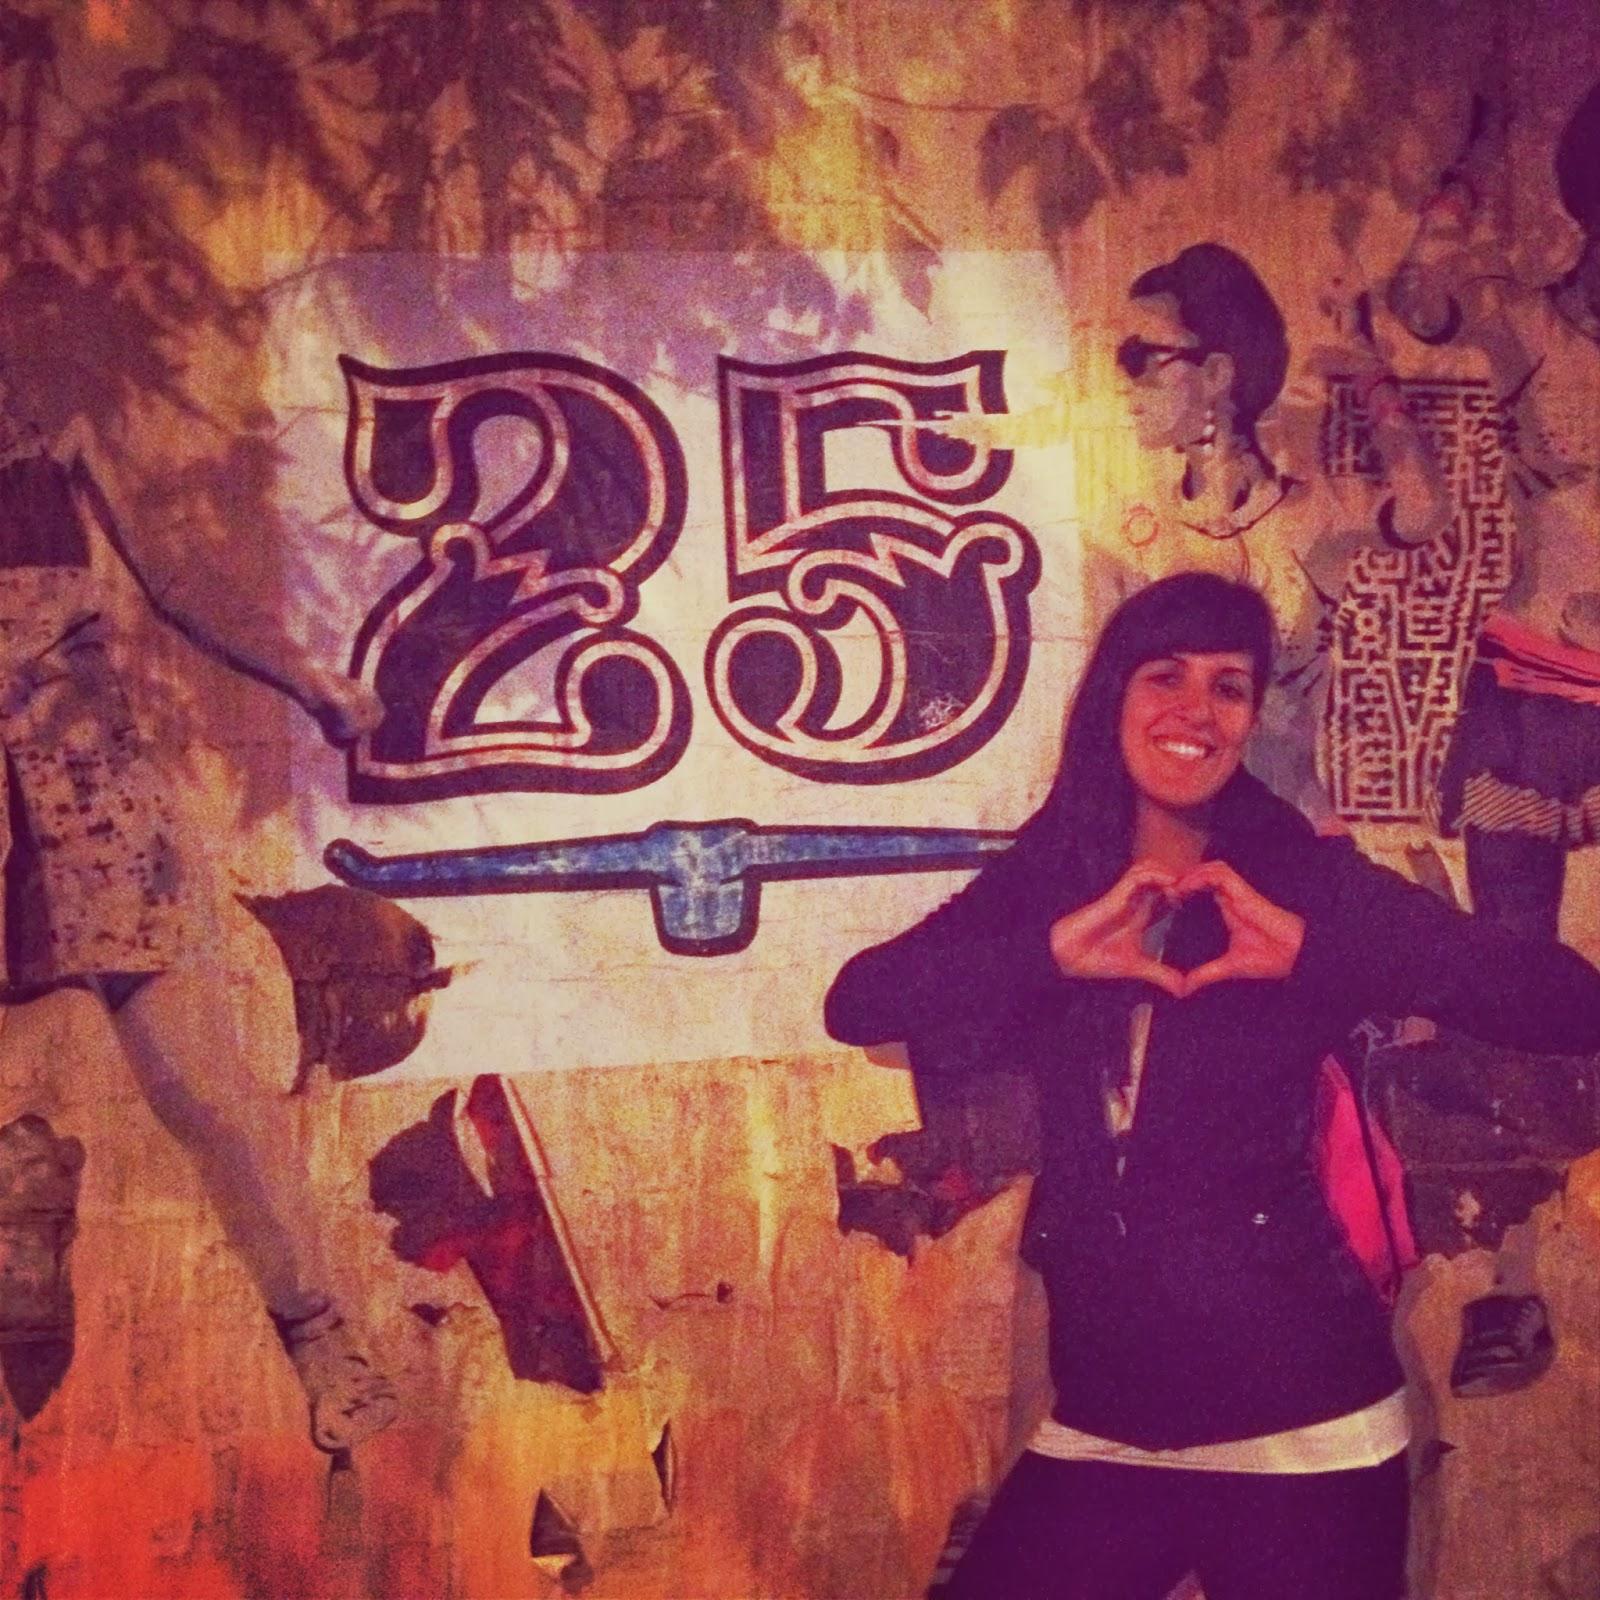 I will always love Bar 25 in Berlin